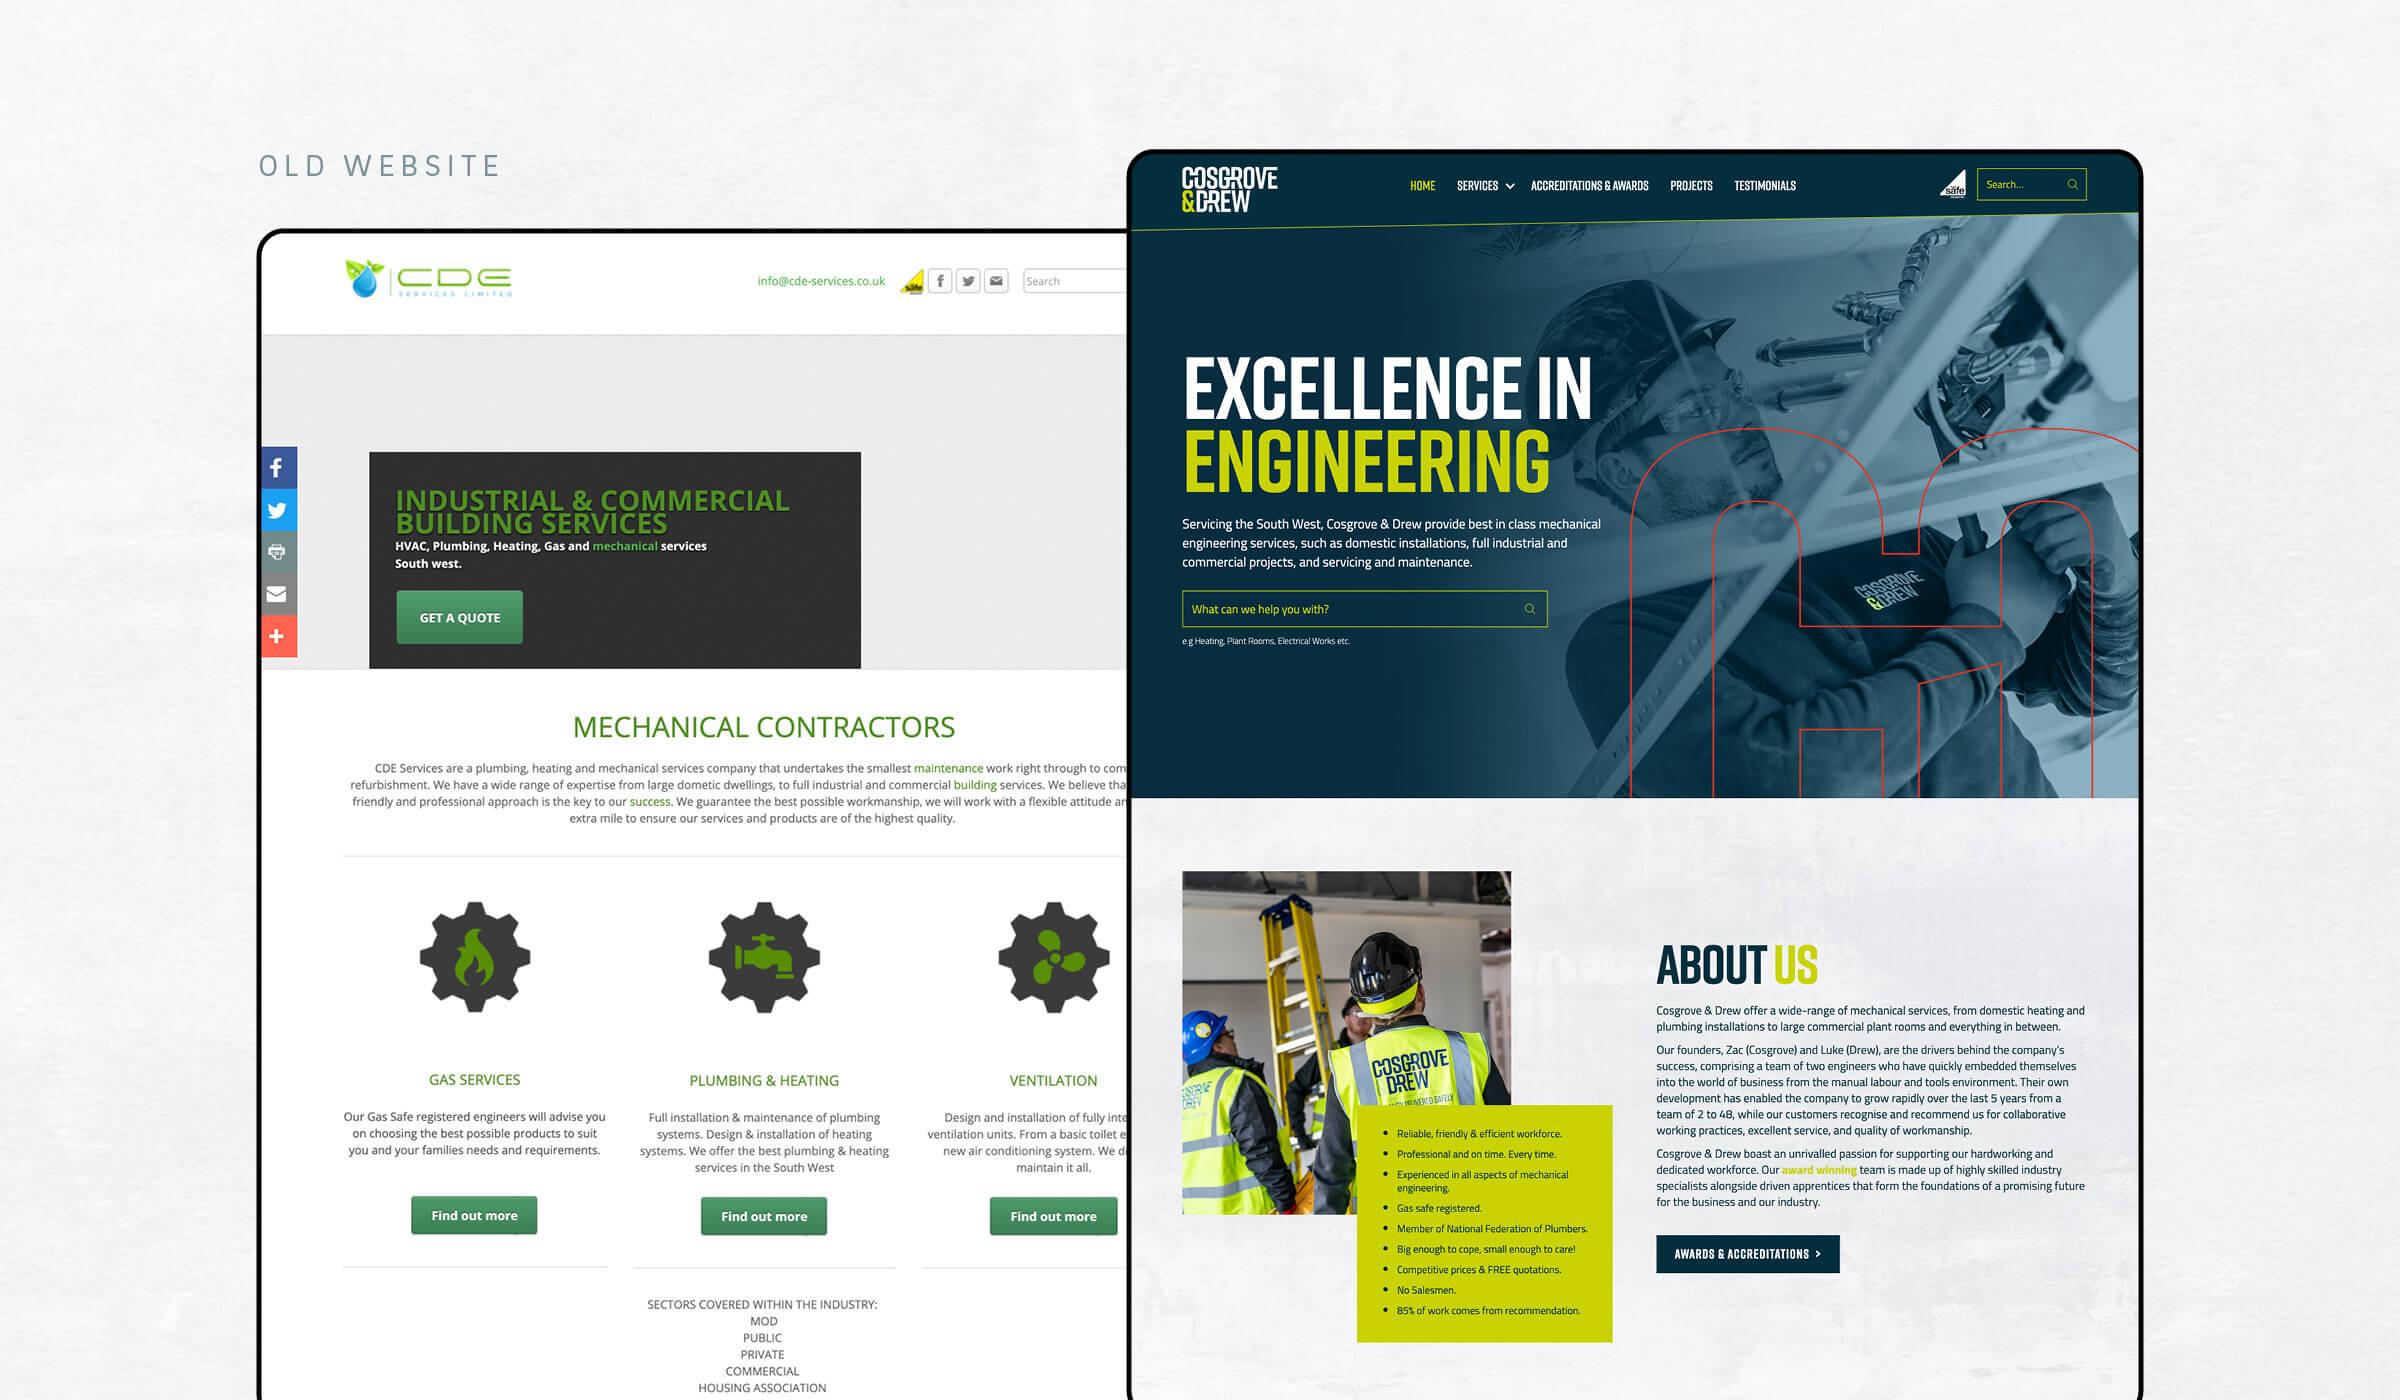 website design before/after